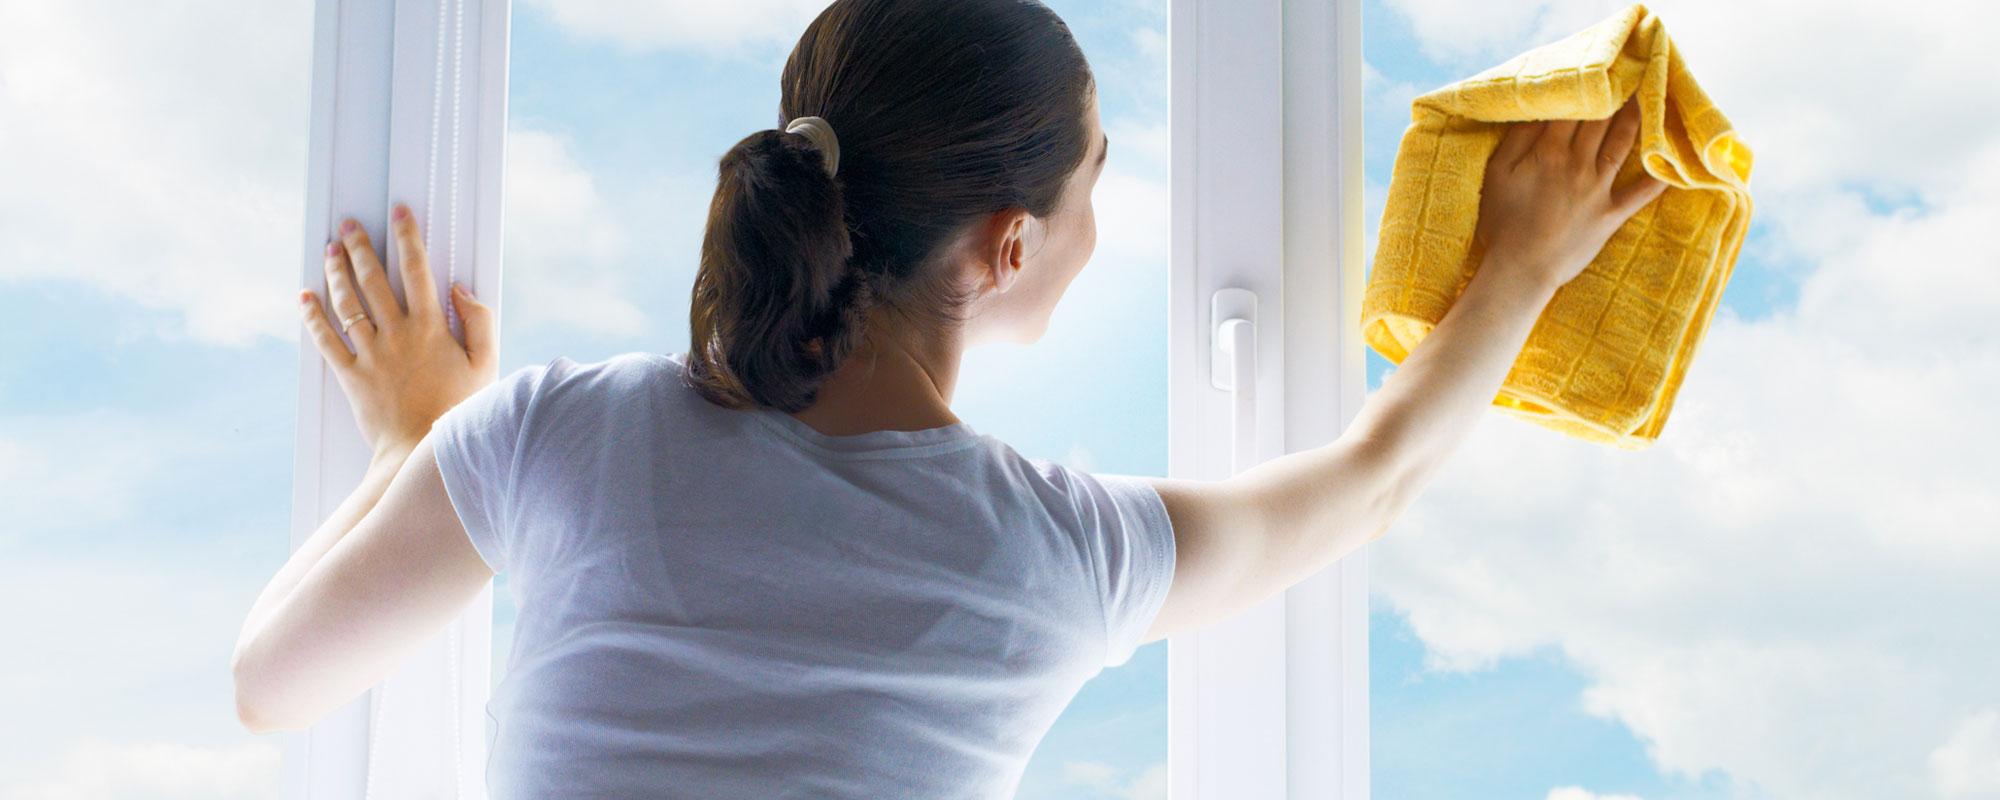 Trucs pour nettoyer et entretenir vos vitres et vos cadres de fenêtres